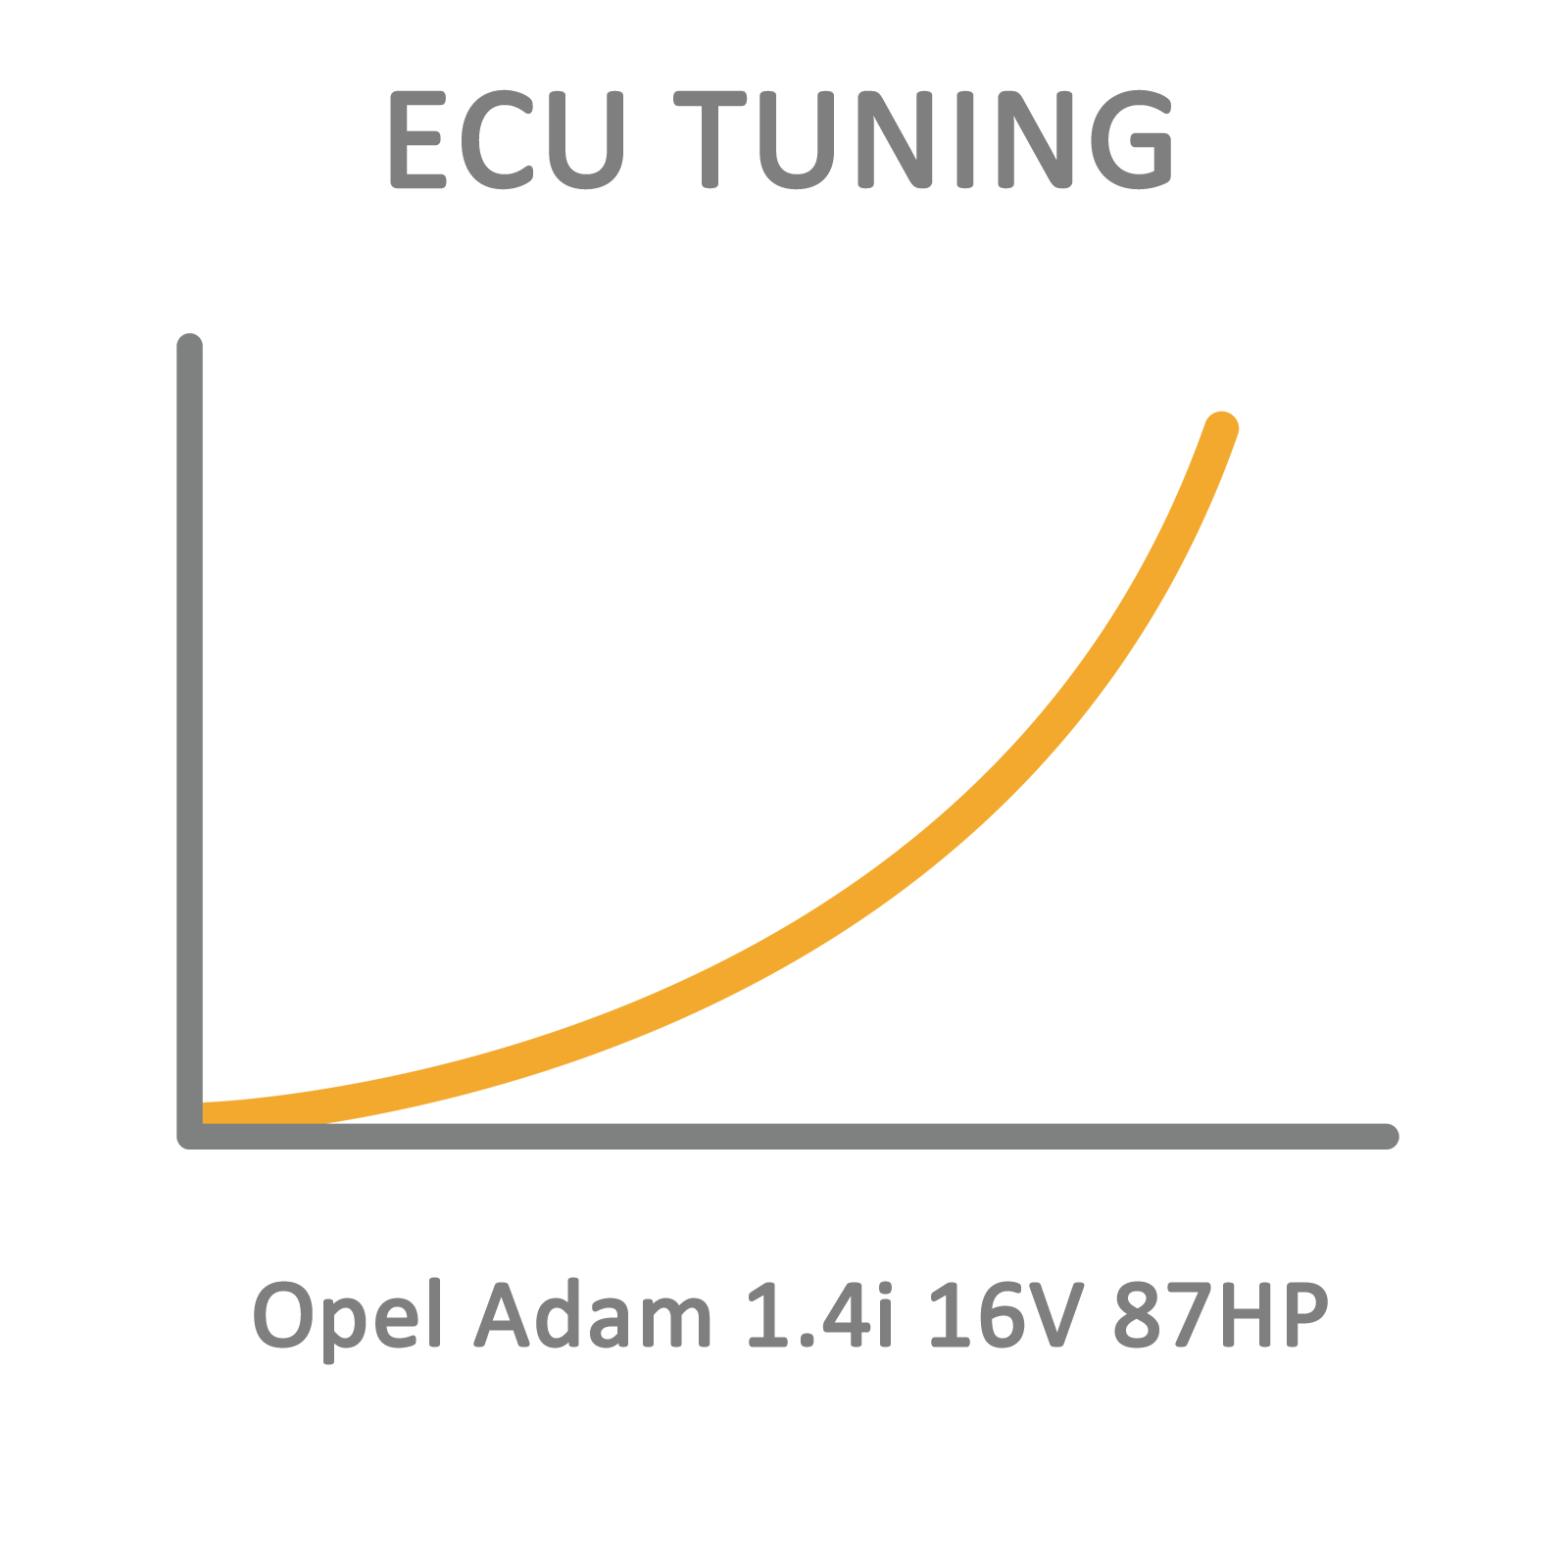 Opel Adam 1.4i 16V 87HP ECU Tuning Remapping Programming